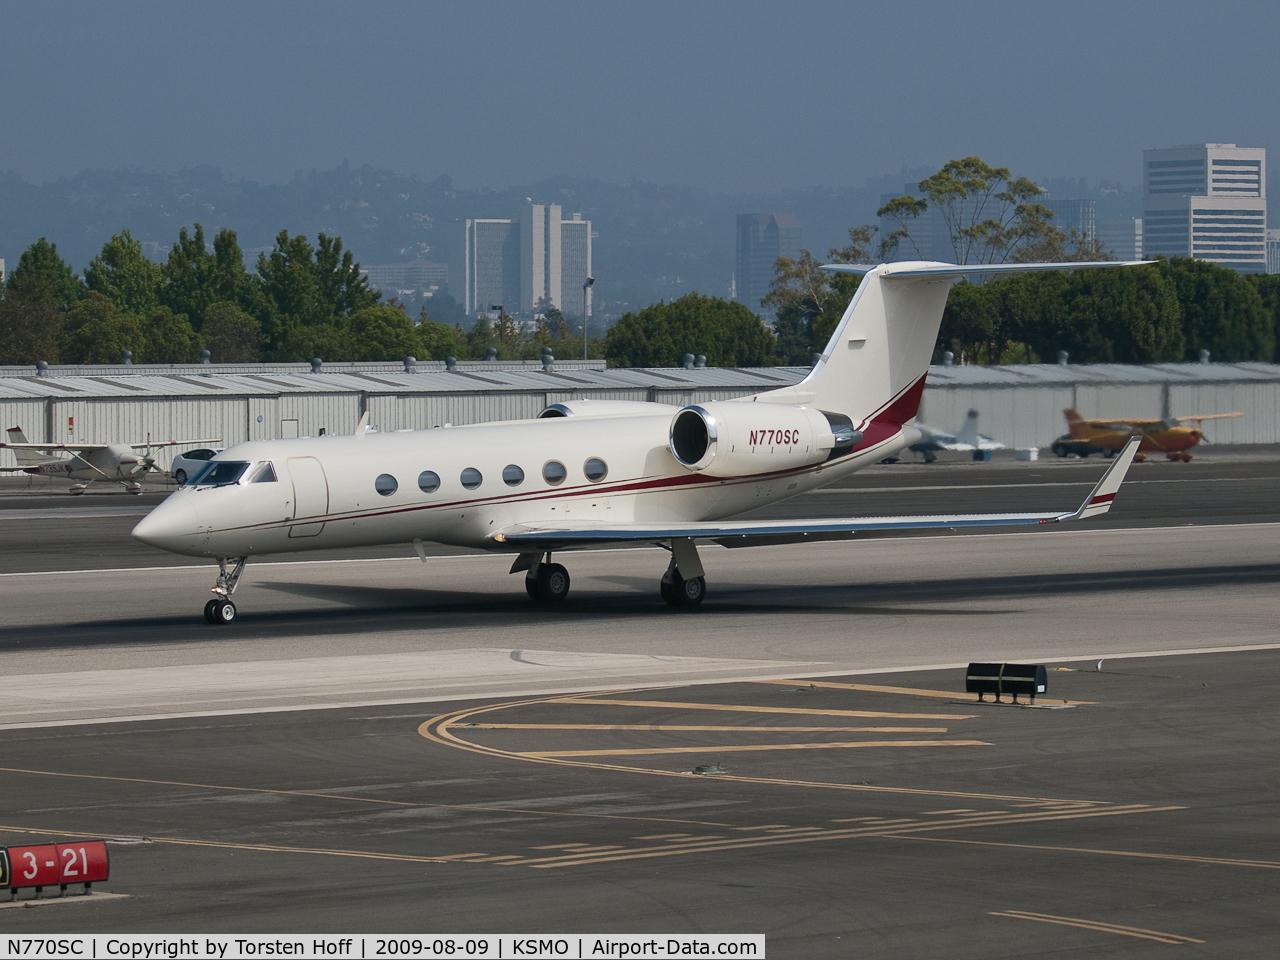 N770SC, 1988 Gulfstream Aerospace G-IV C/N 1056, N770SC departing from RWY 21